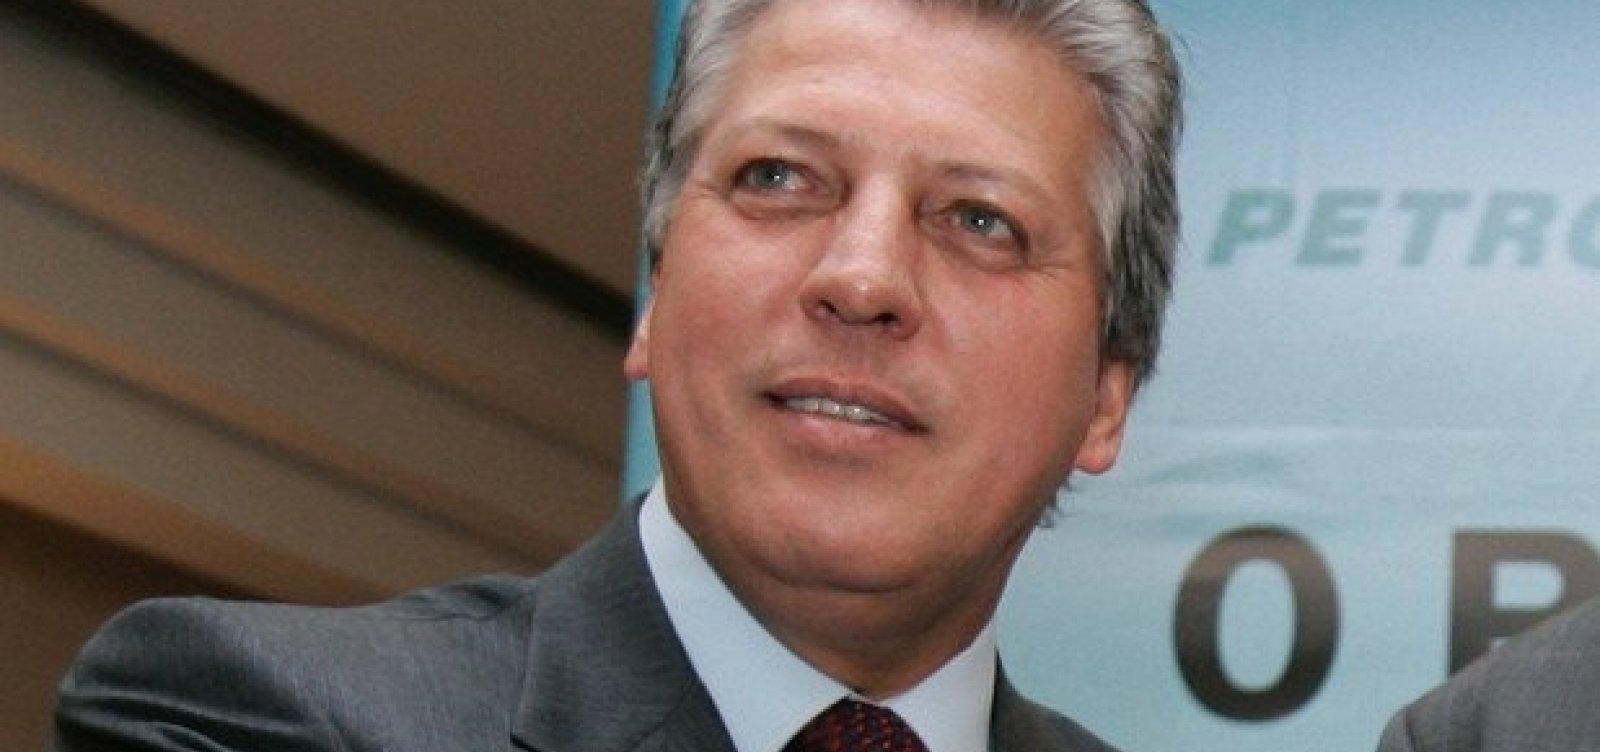 Força-tarefa da Lava Jato sabia há três anos de acusação que levou ex-Braskem à prisão